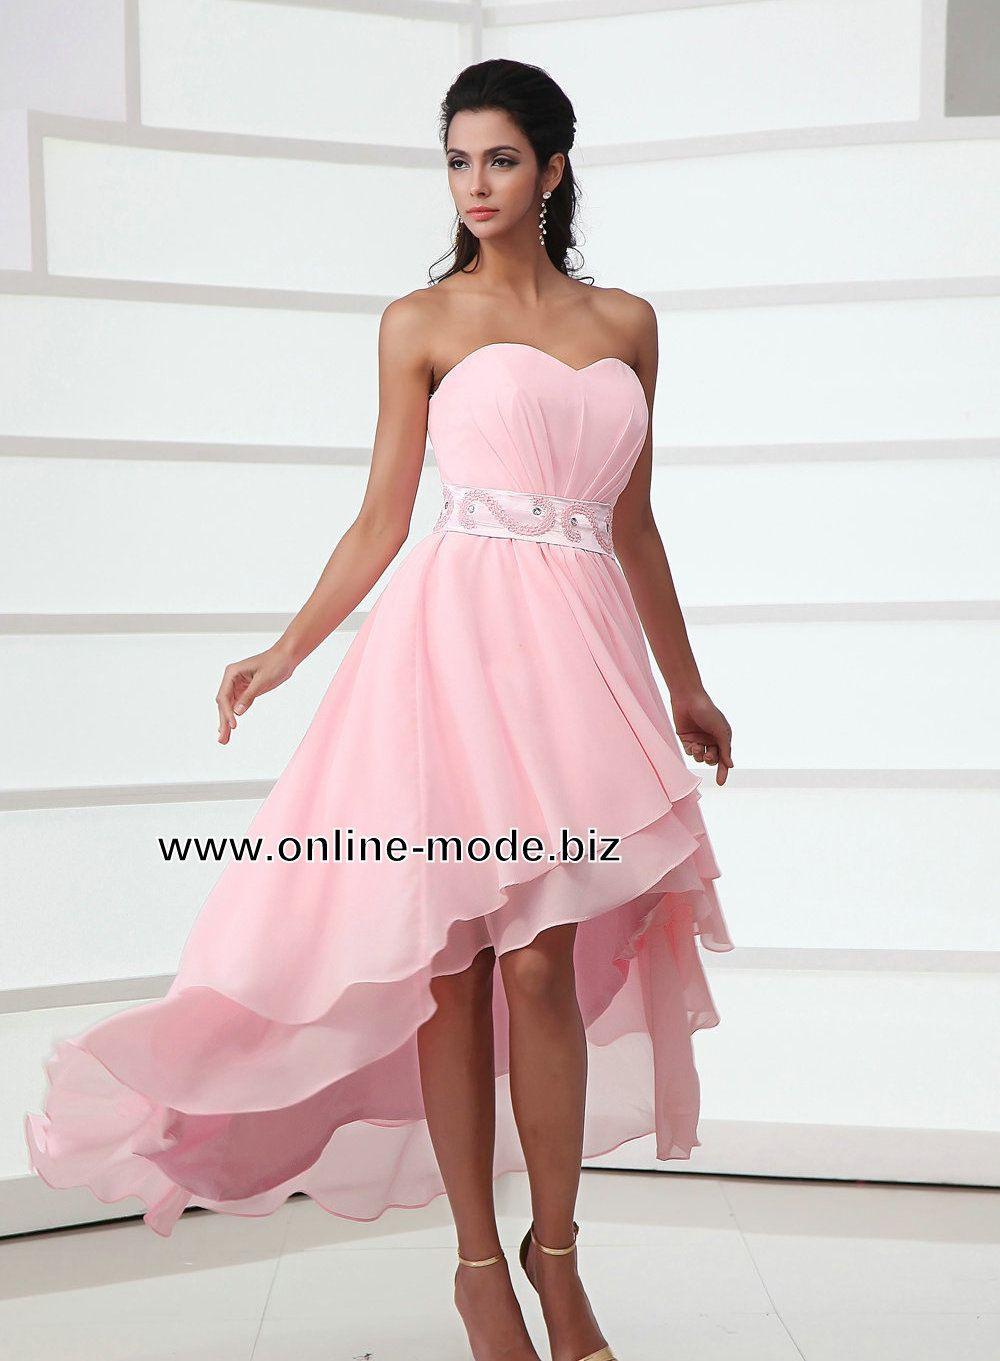 Designer Top Abend Kleid Rose BoutiqueFormal Ausgezeichnet Abend Kleid Rose Spezialgebiet